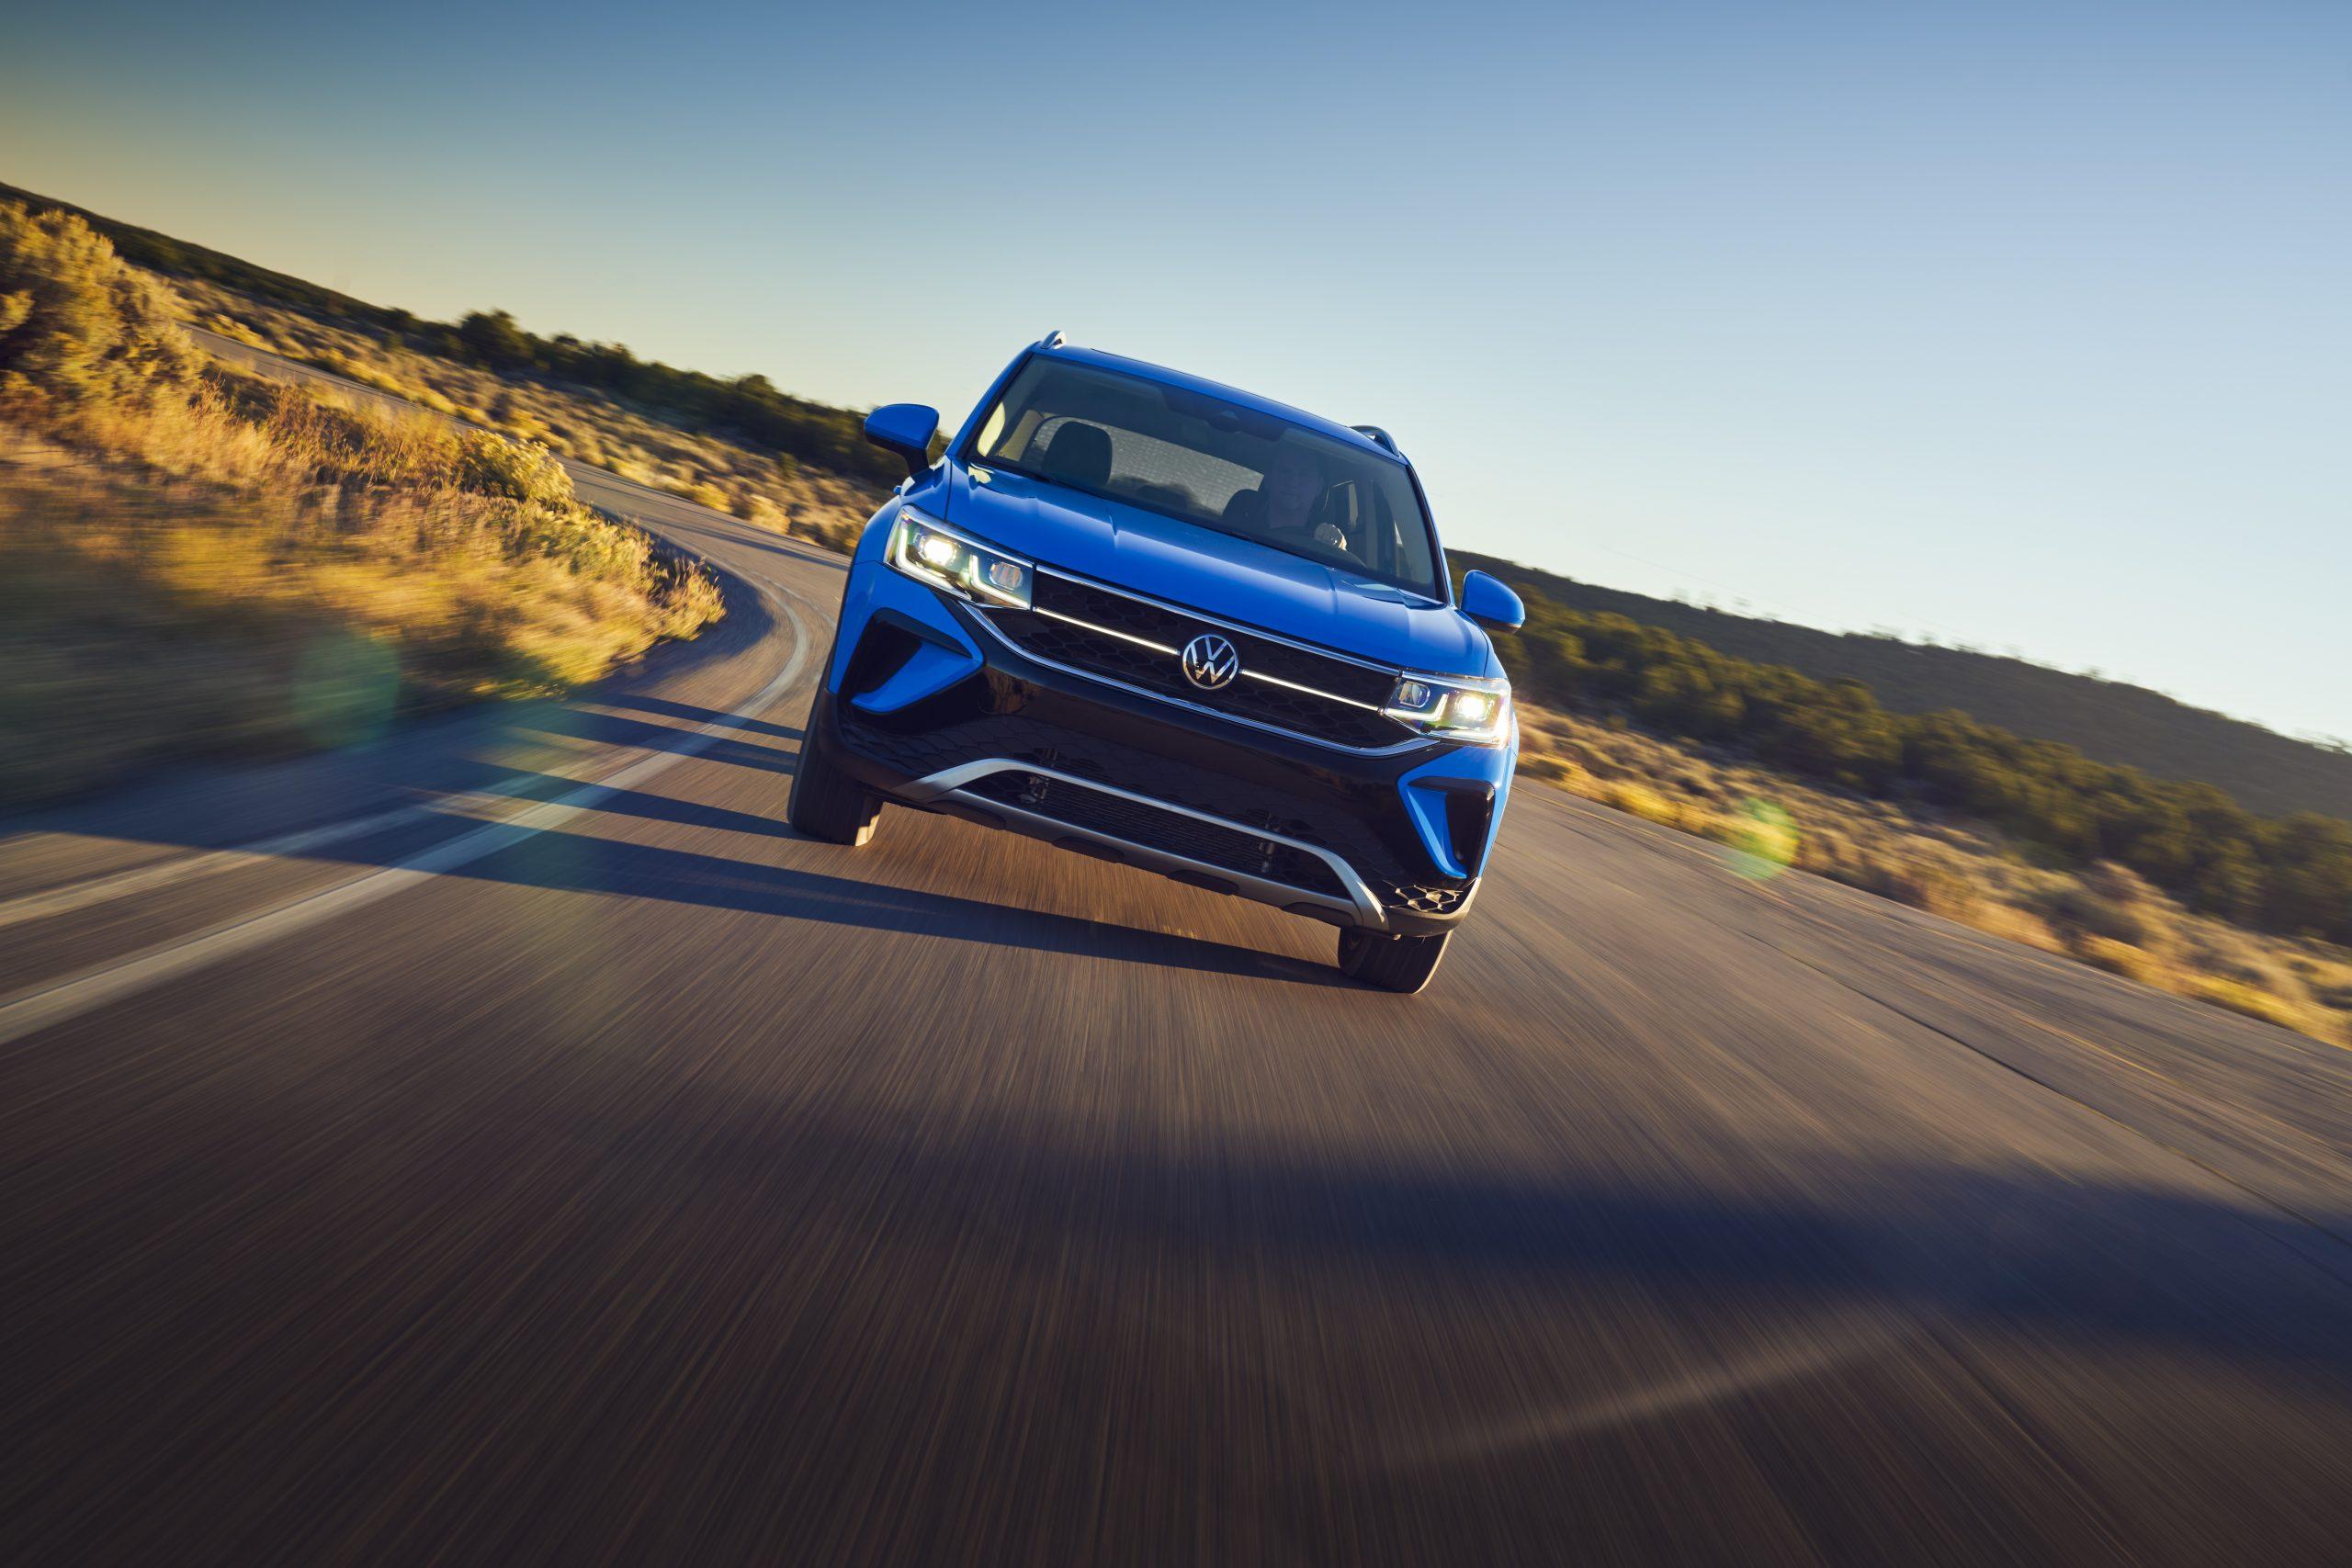 2022 Volkswagen Taos head on driving shot